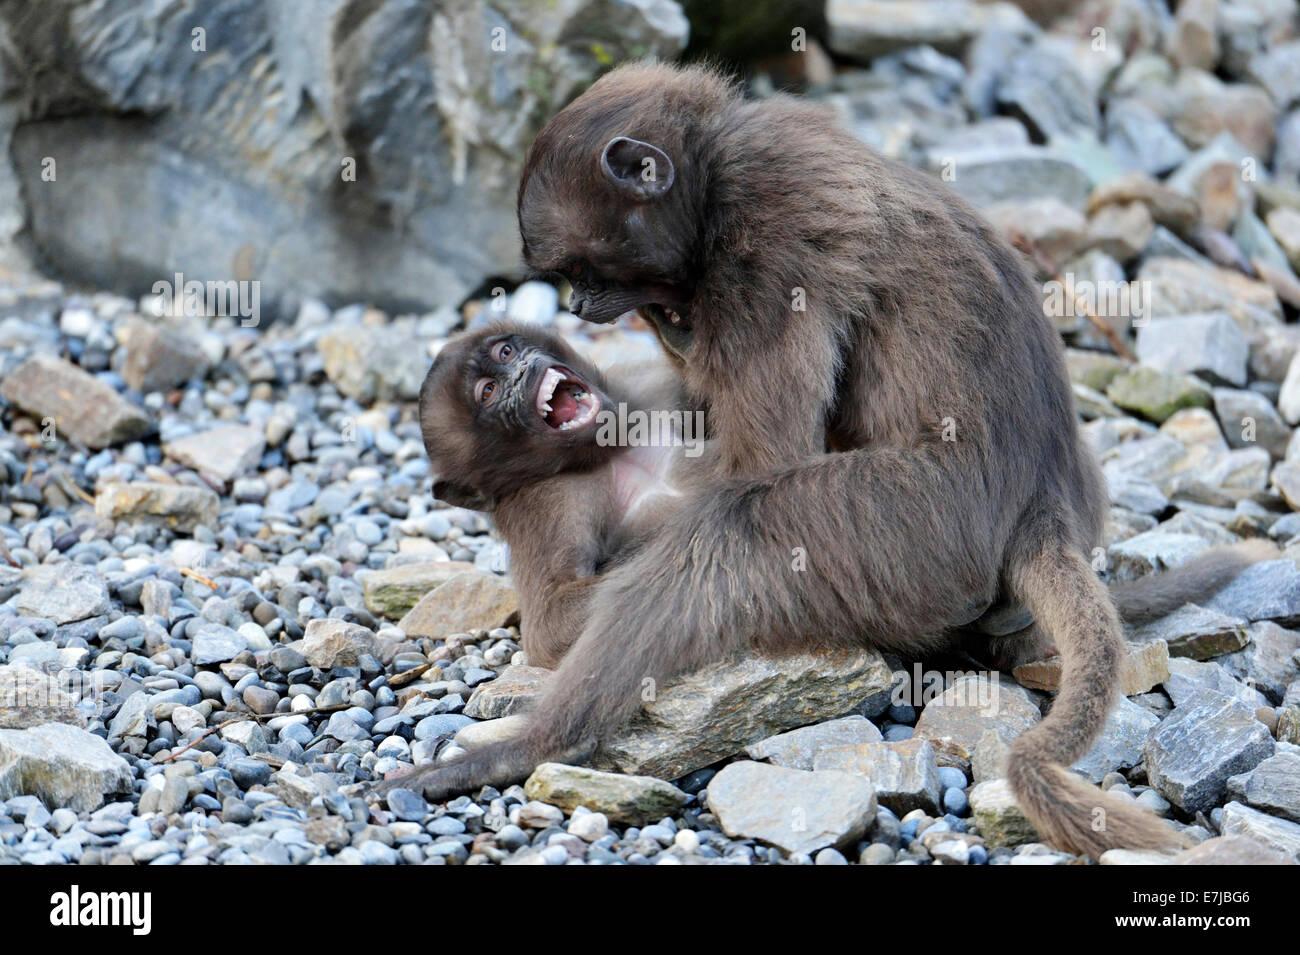 Young Gelada Baboons (Theropithecus gelada) fighting, Zoo, Zurich, Switzerland - Stock Image